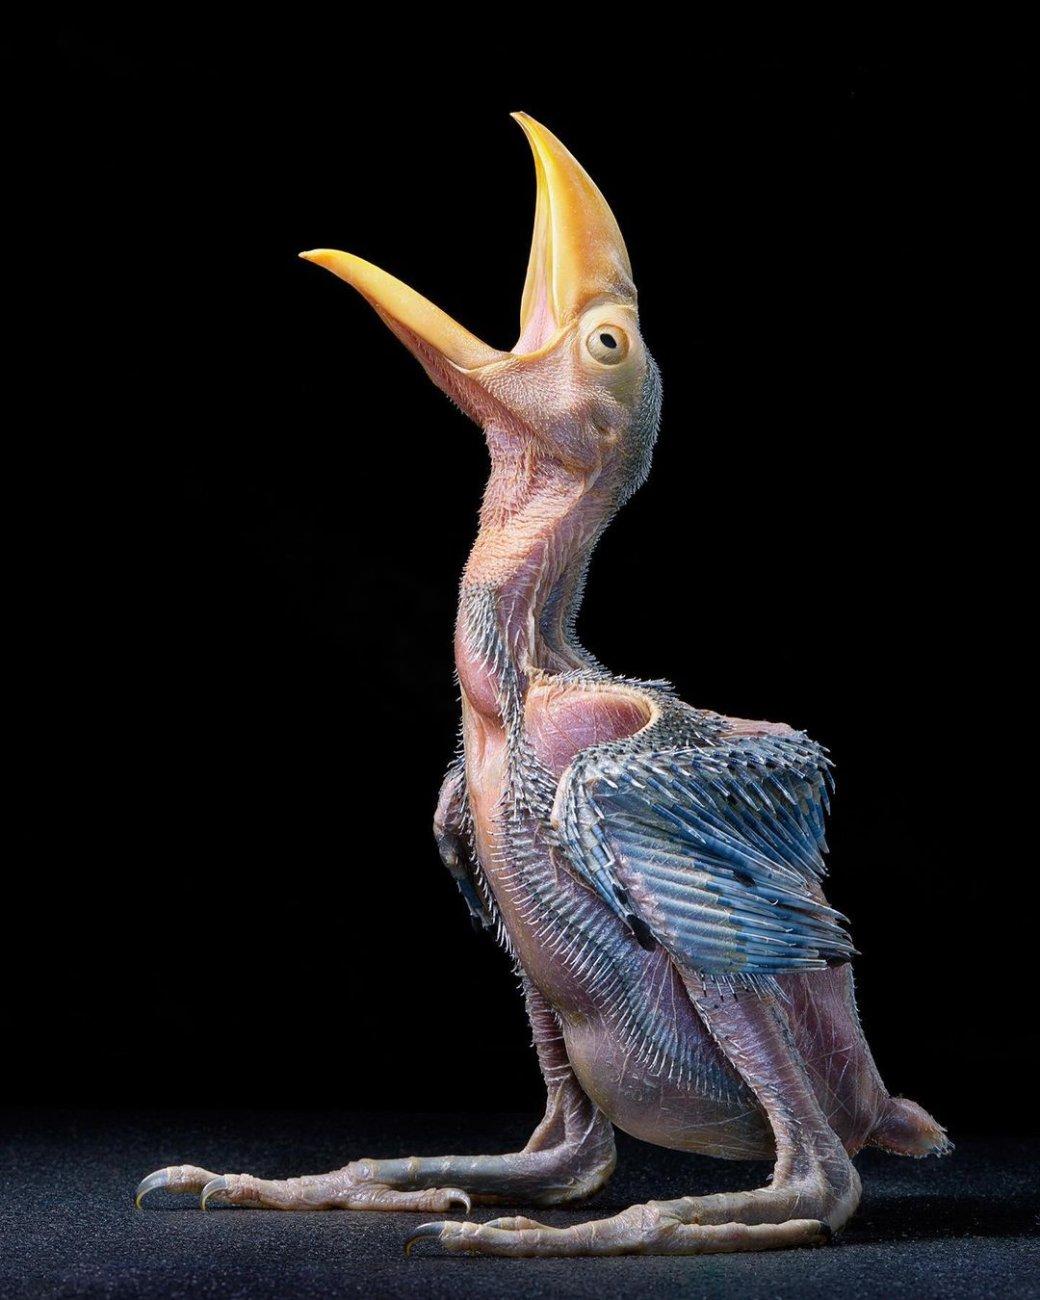 Фотограф сделал «модельные» портреты исчезающих и редких птиц   Канобу - Изображение 12923